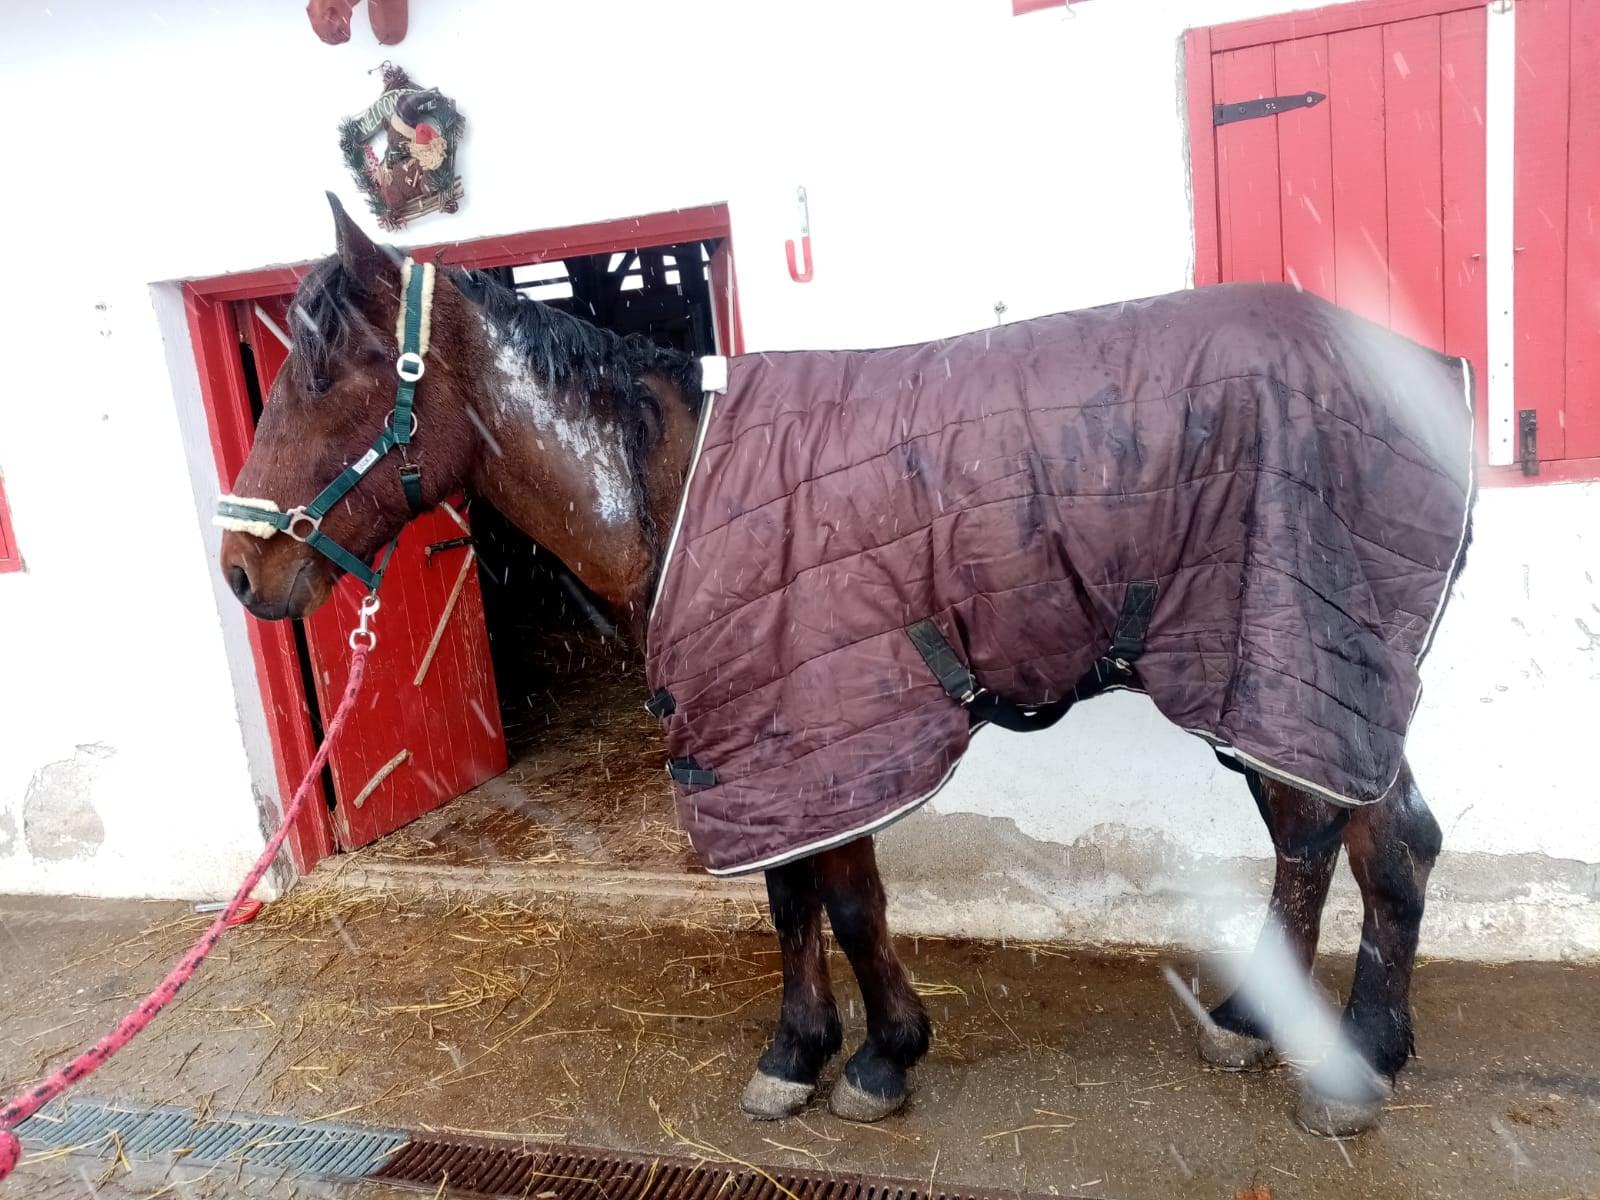 Un bărbat din Ilfov și-a înhămat calul la căruță și i-a dat foc. A fost internat la psihiatrie